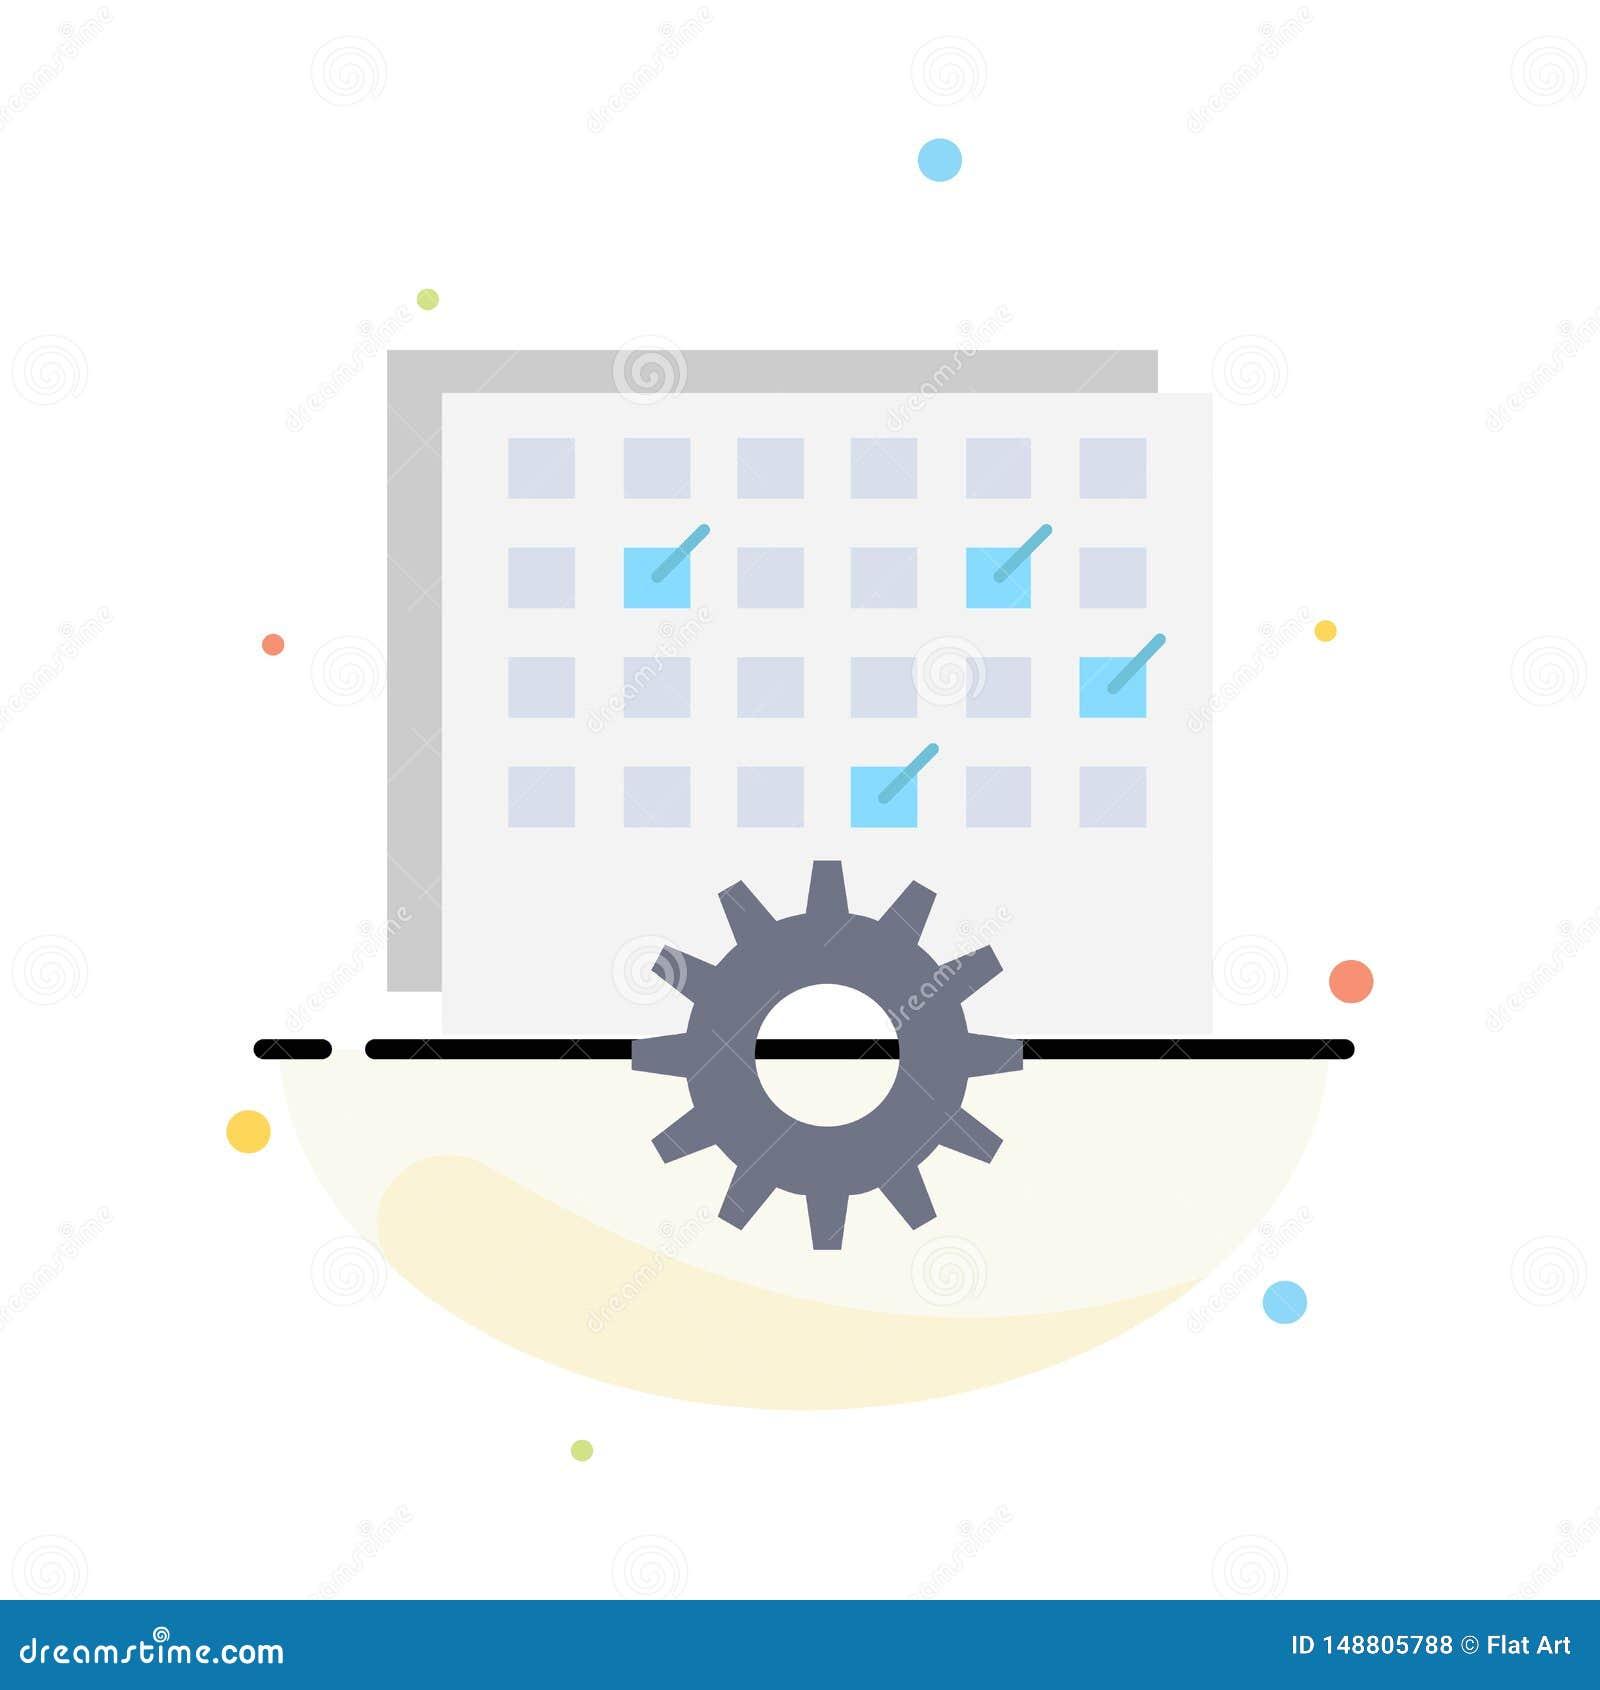 Ereignis, Management, verarbeitend, Zeitplan, TIMING flacher Farbikonen-Vektor